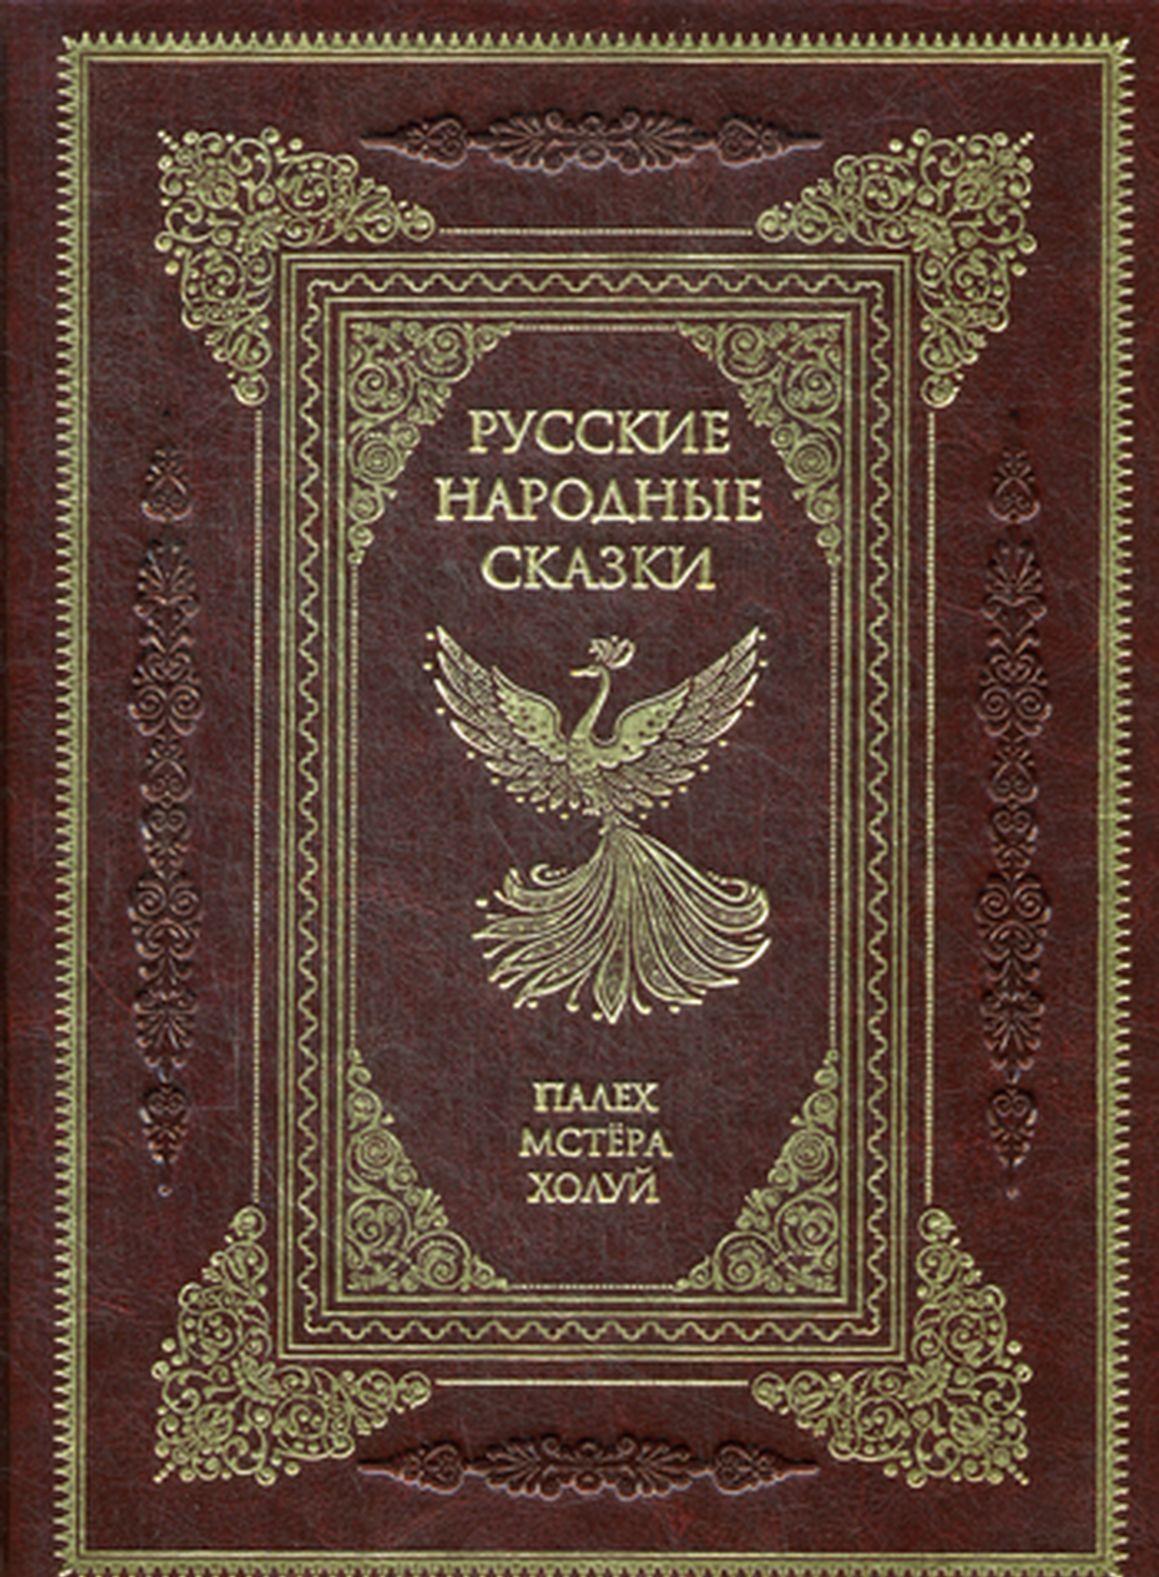 Russkie narodnye skazki. Zhivopis Palekha, Mstery, Kholuja (ekskljuzivnoe podarochnoe izdanie)